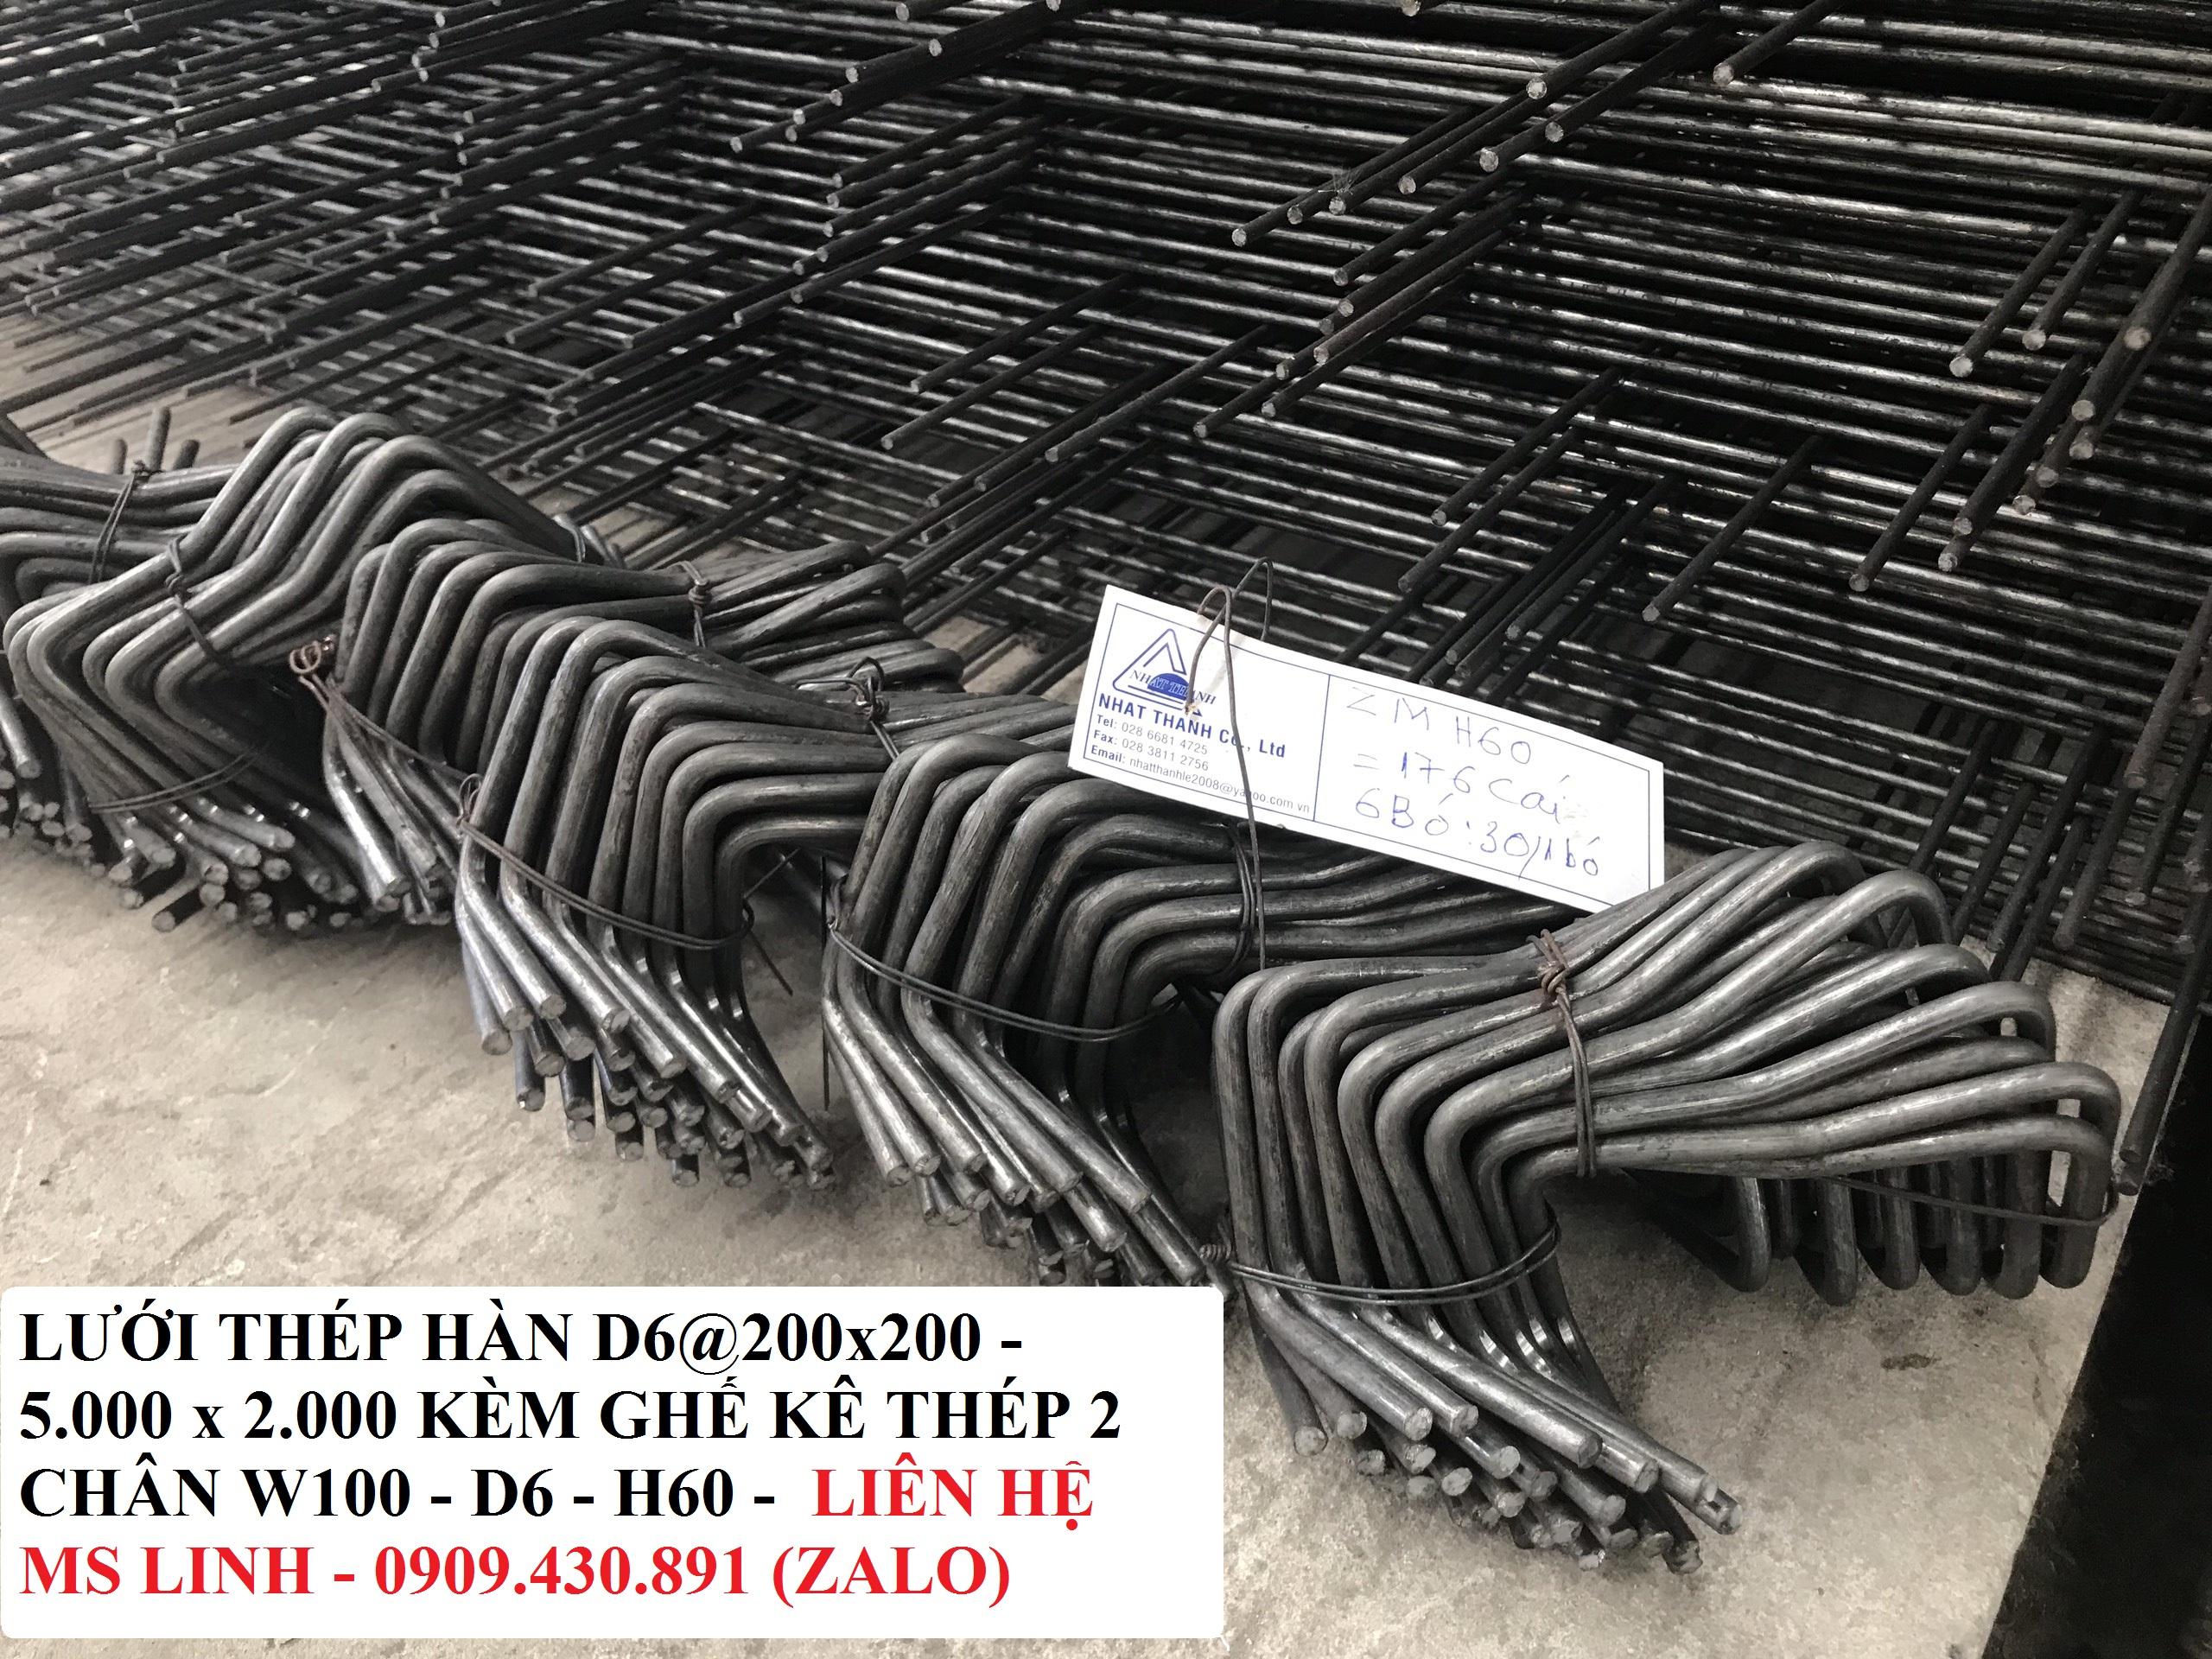 Lưới thép hàn Nhật Thành